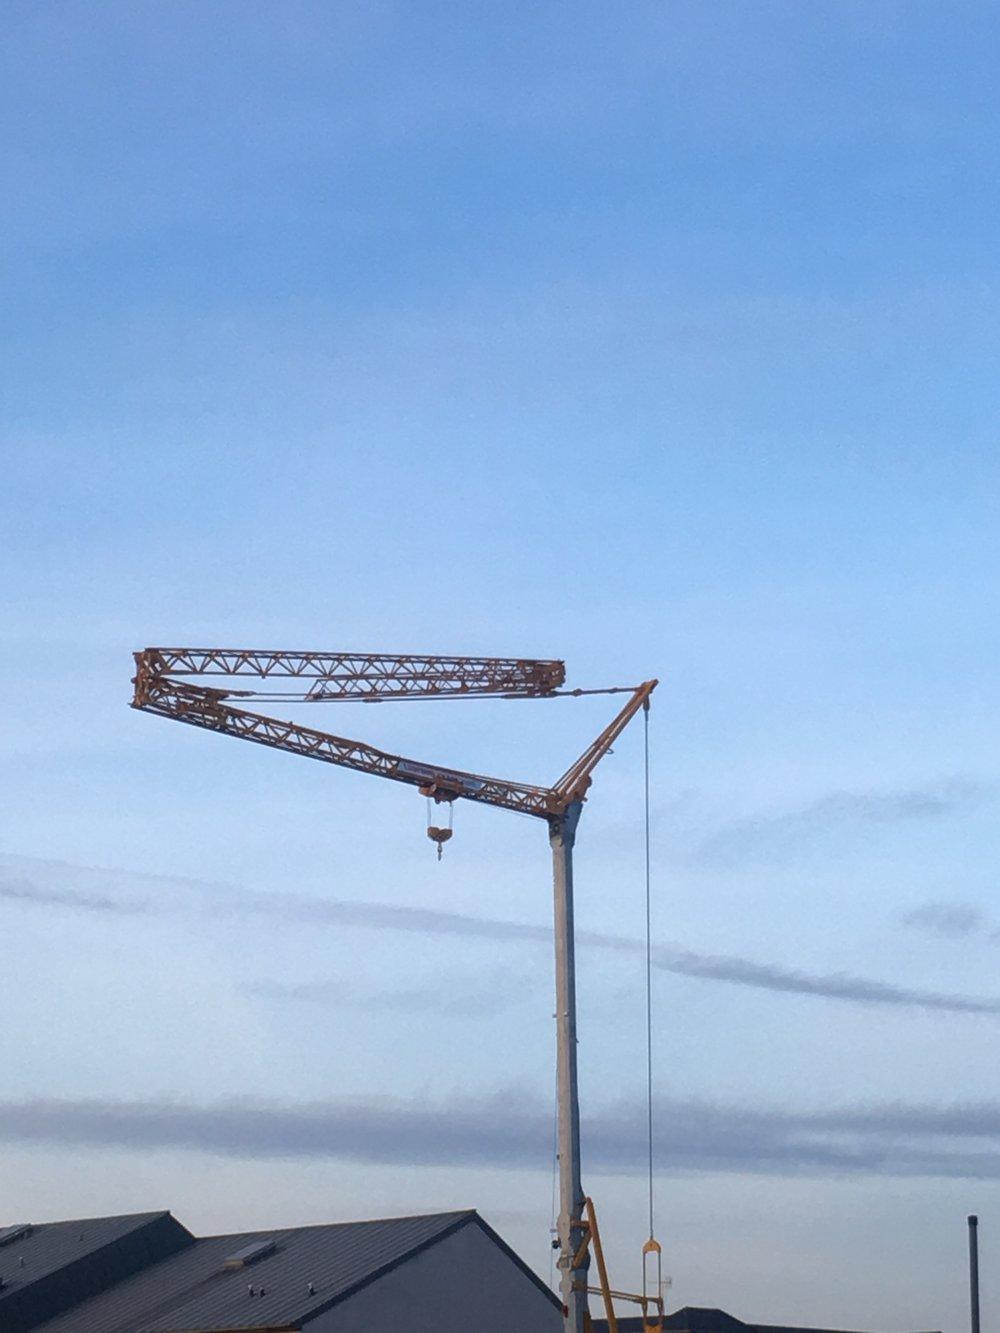 It Takes a Crane to Assemble a Crane